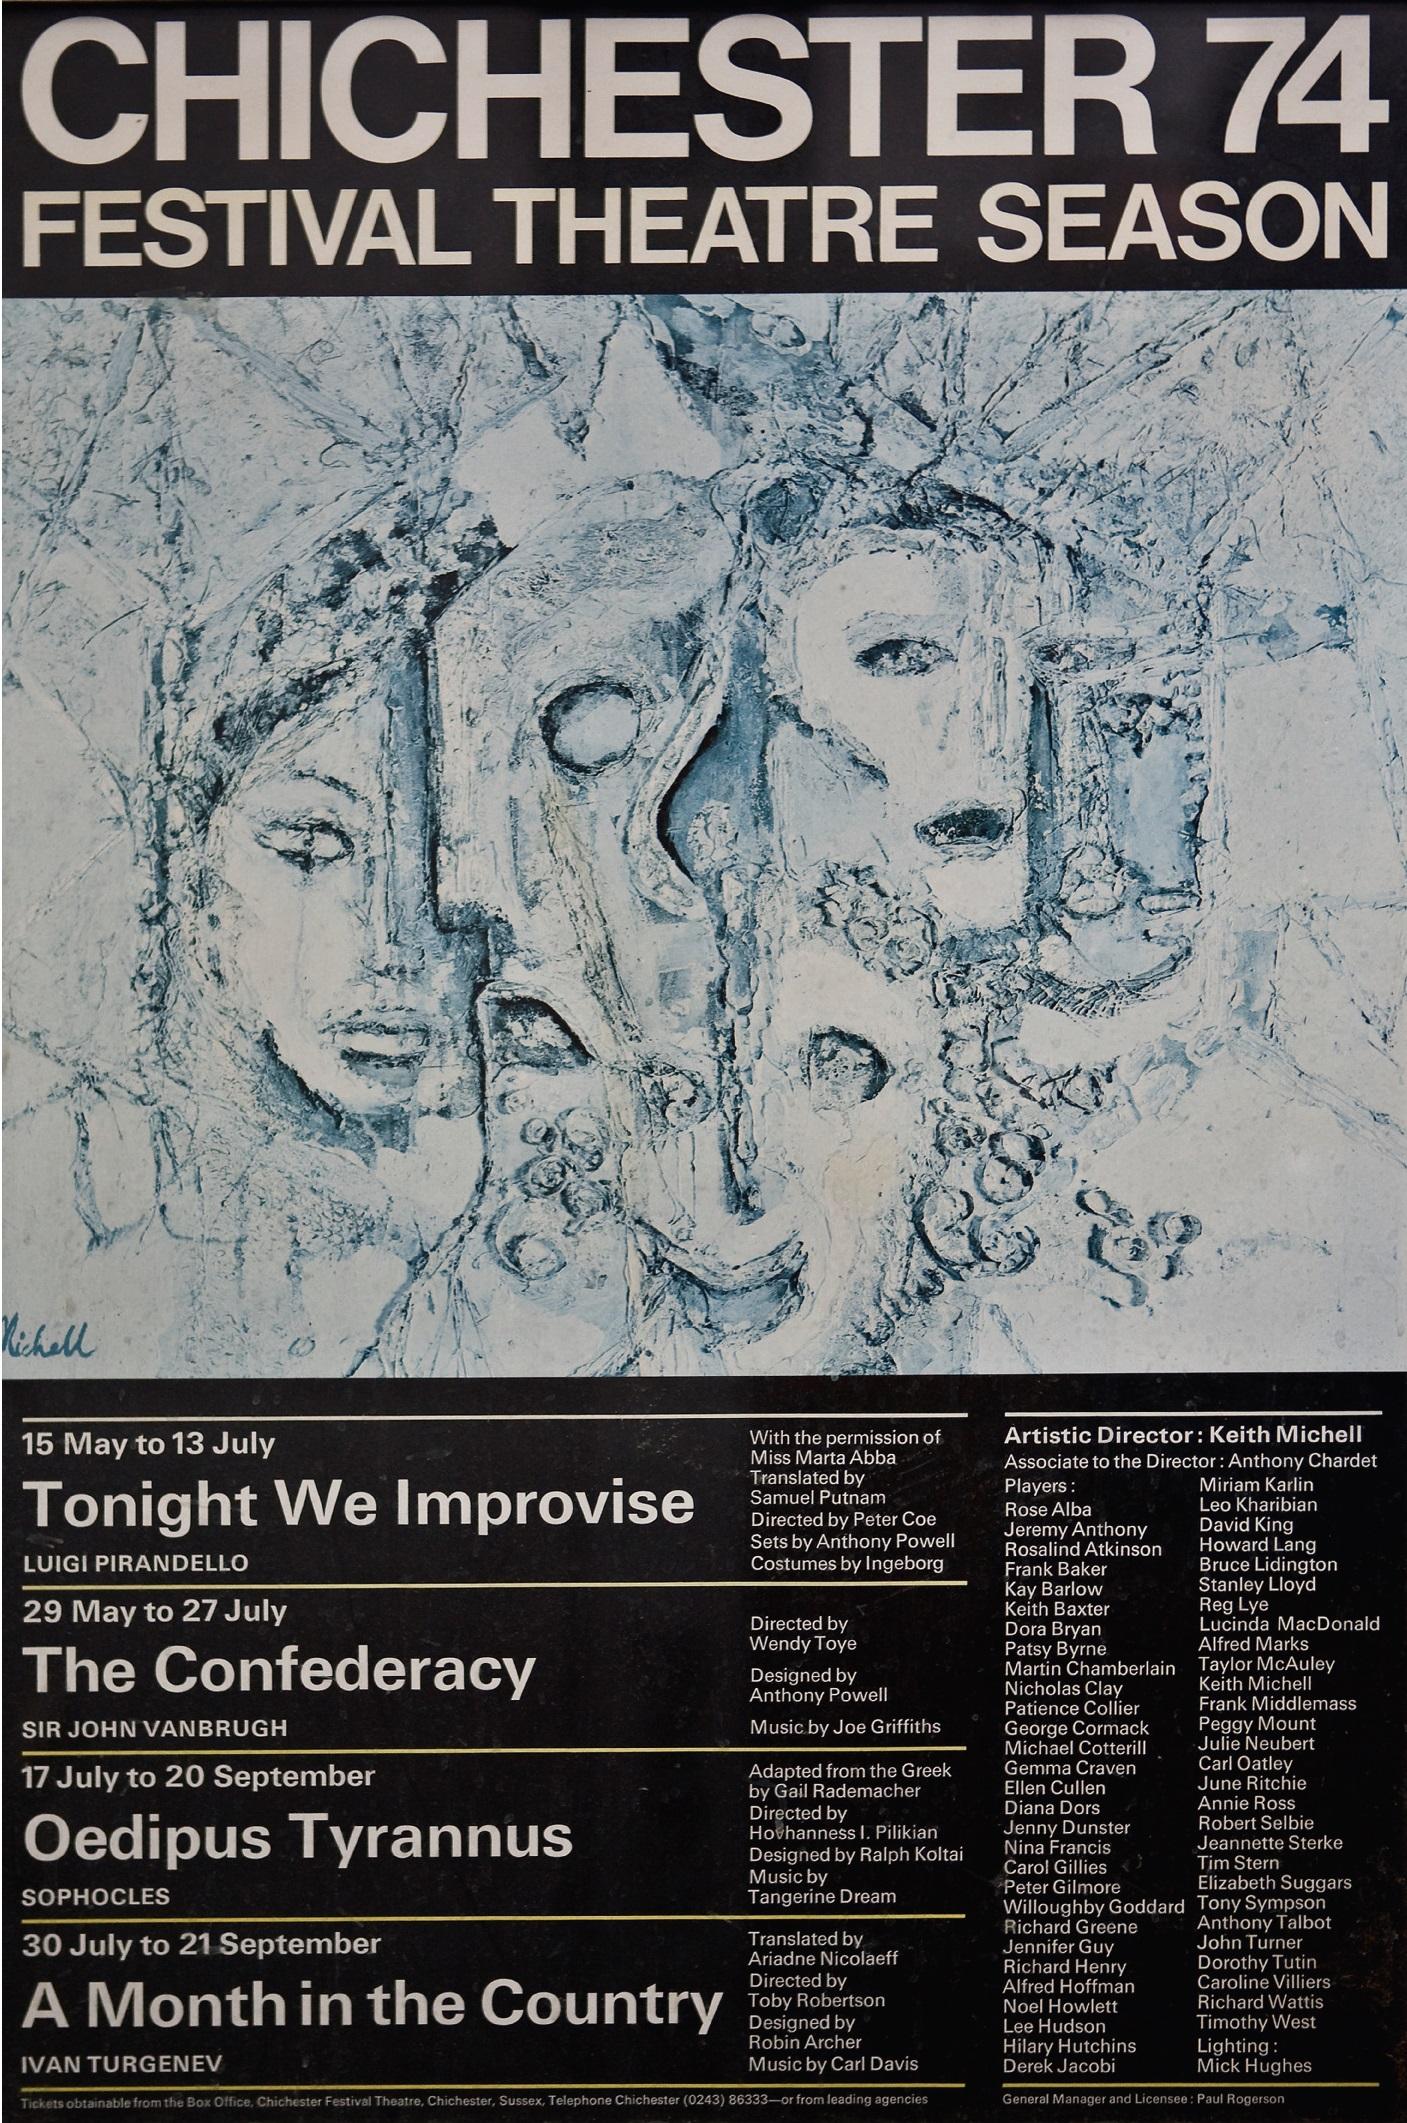 CFT 1974 Season Poster 1